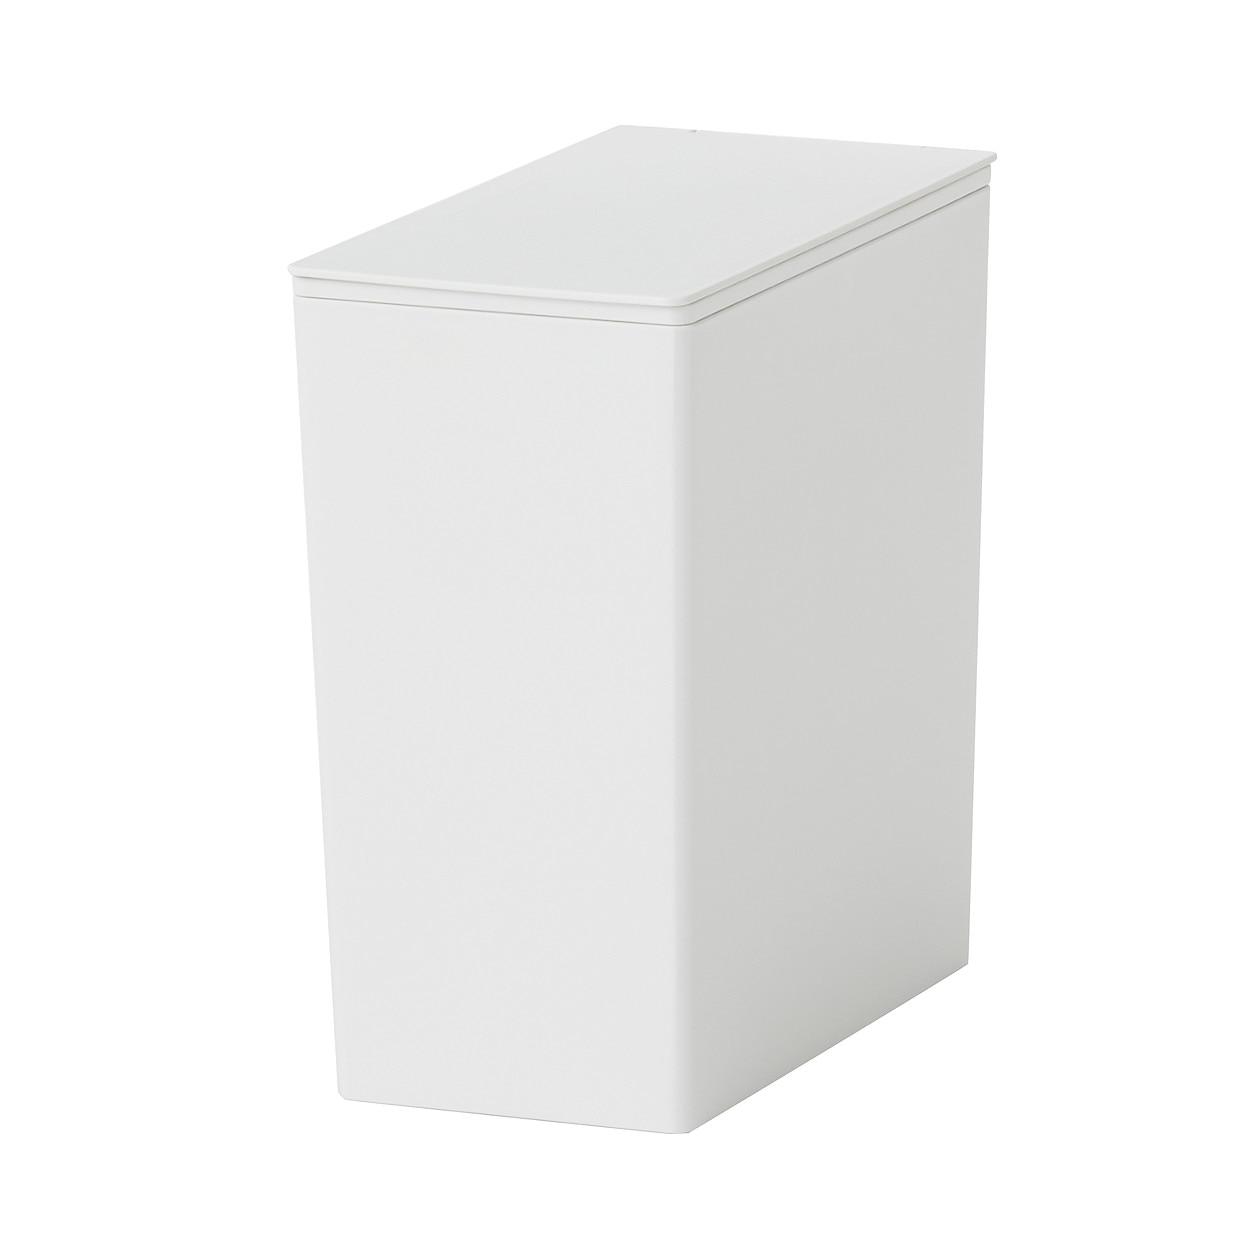 ポリプロピレンごみ箱・角型・袋止め付/小(約3L)